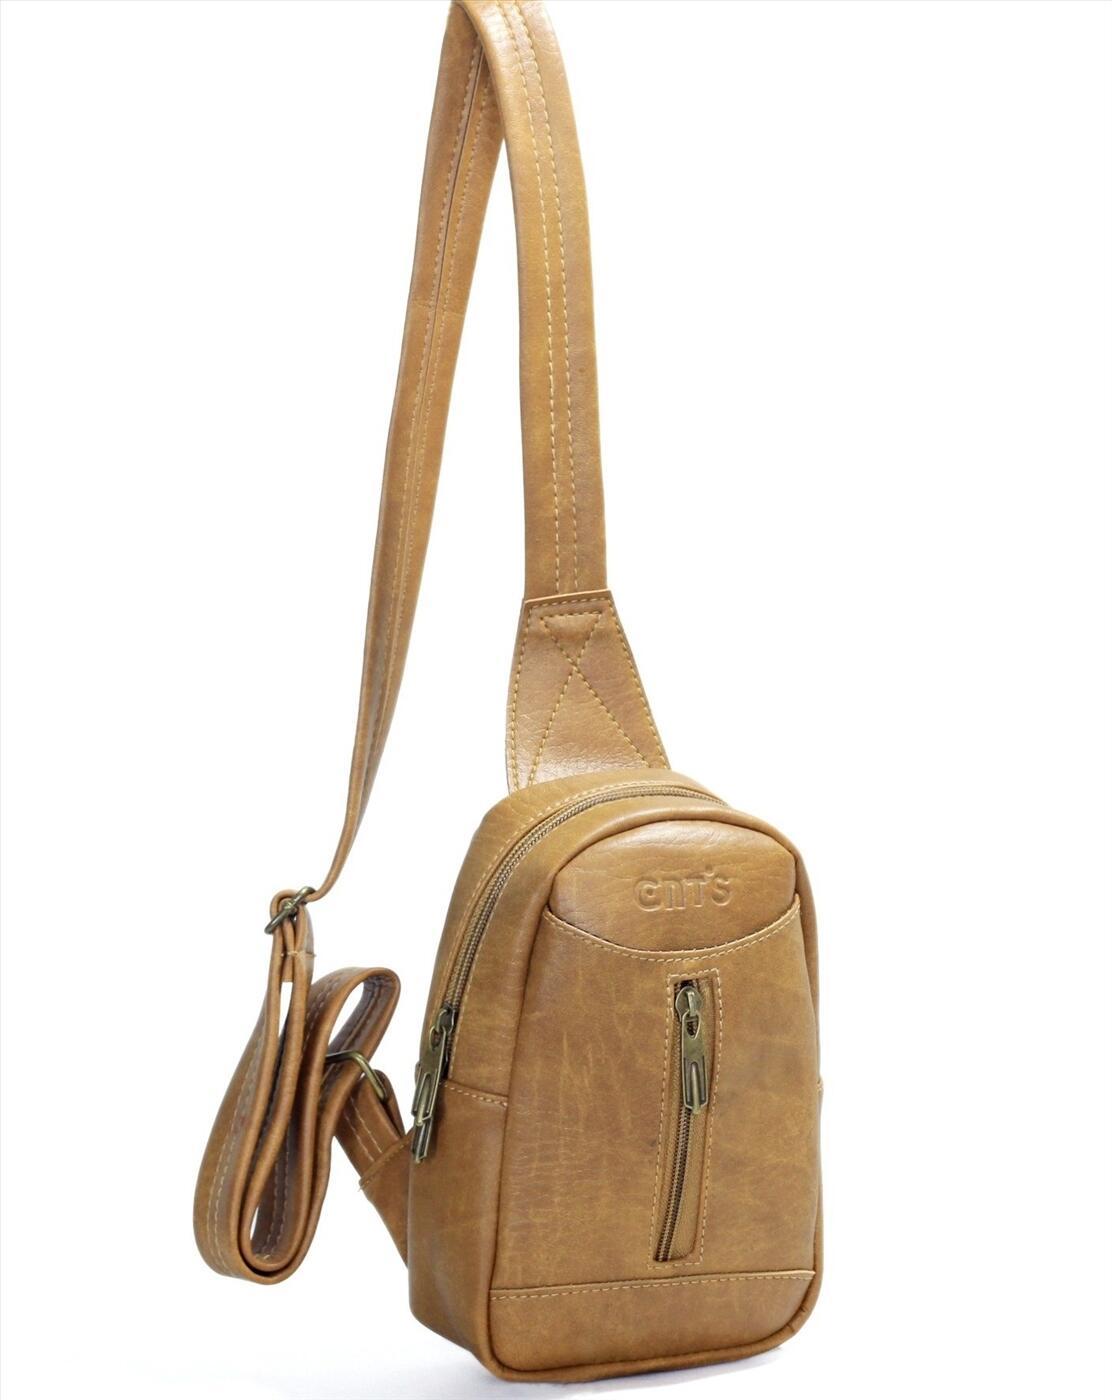 Túi đeo chéo unisex CNT MQ22 cá tính Bò Lợt